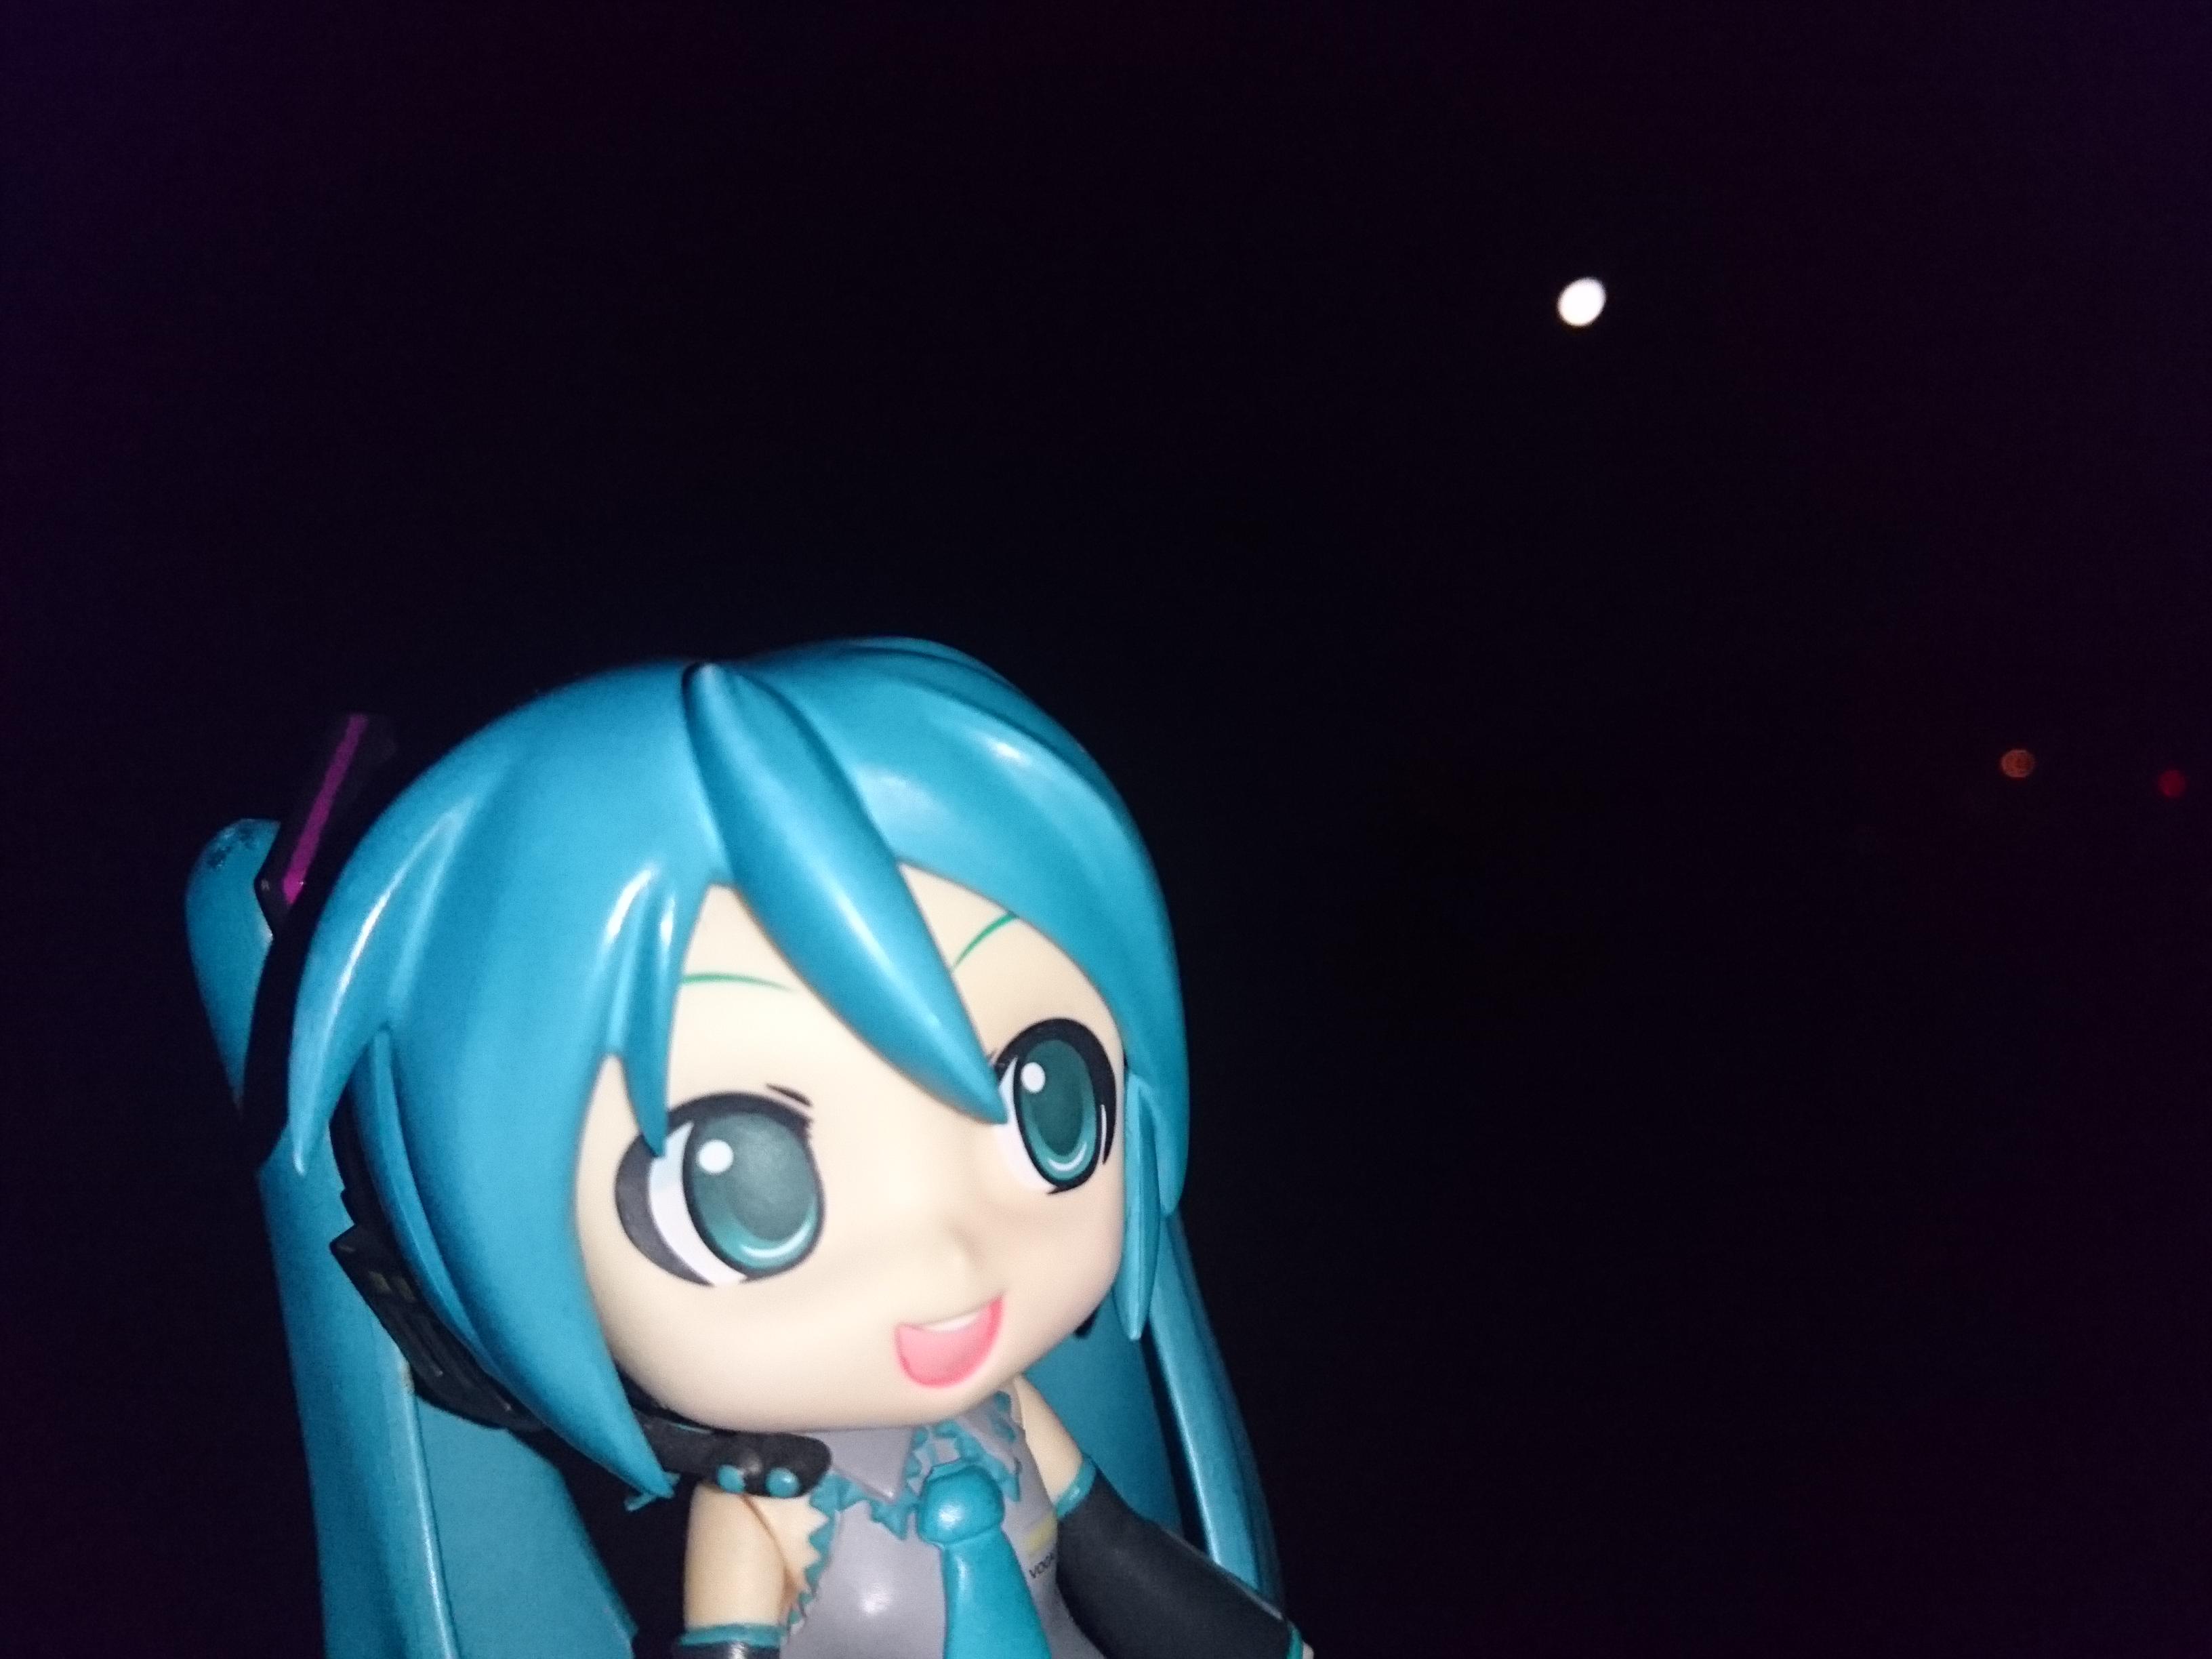 月が綺麗です。